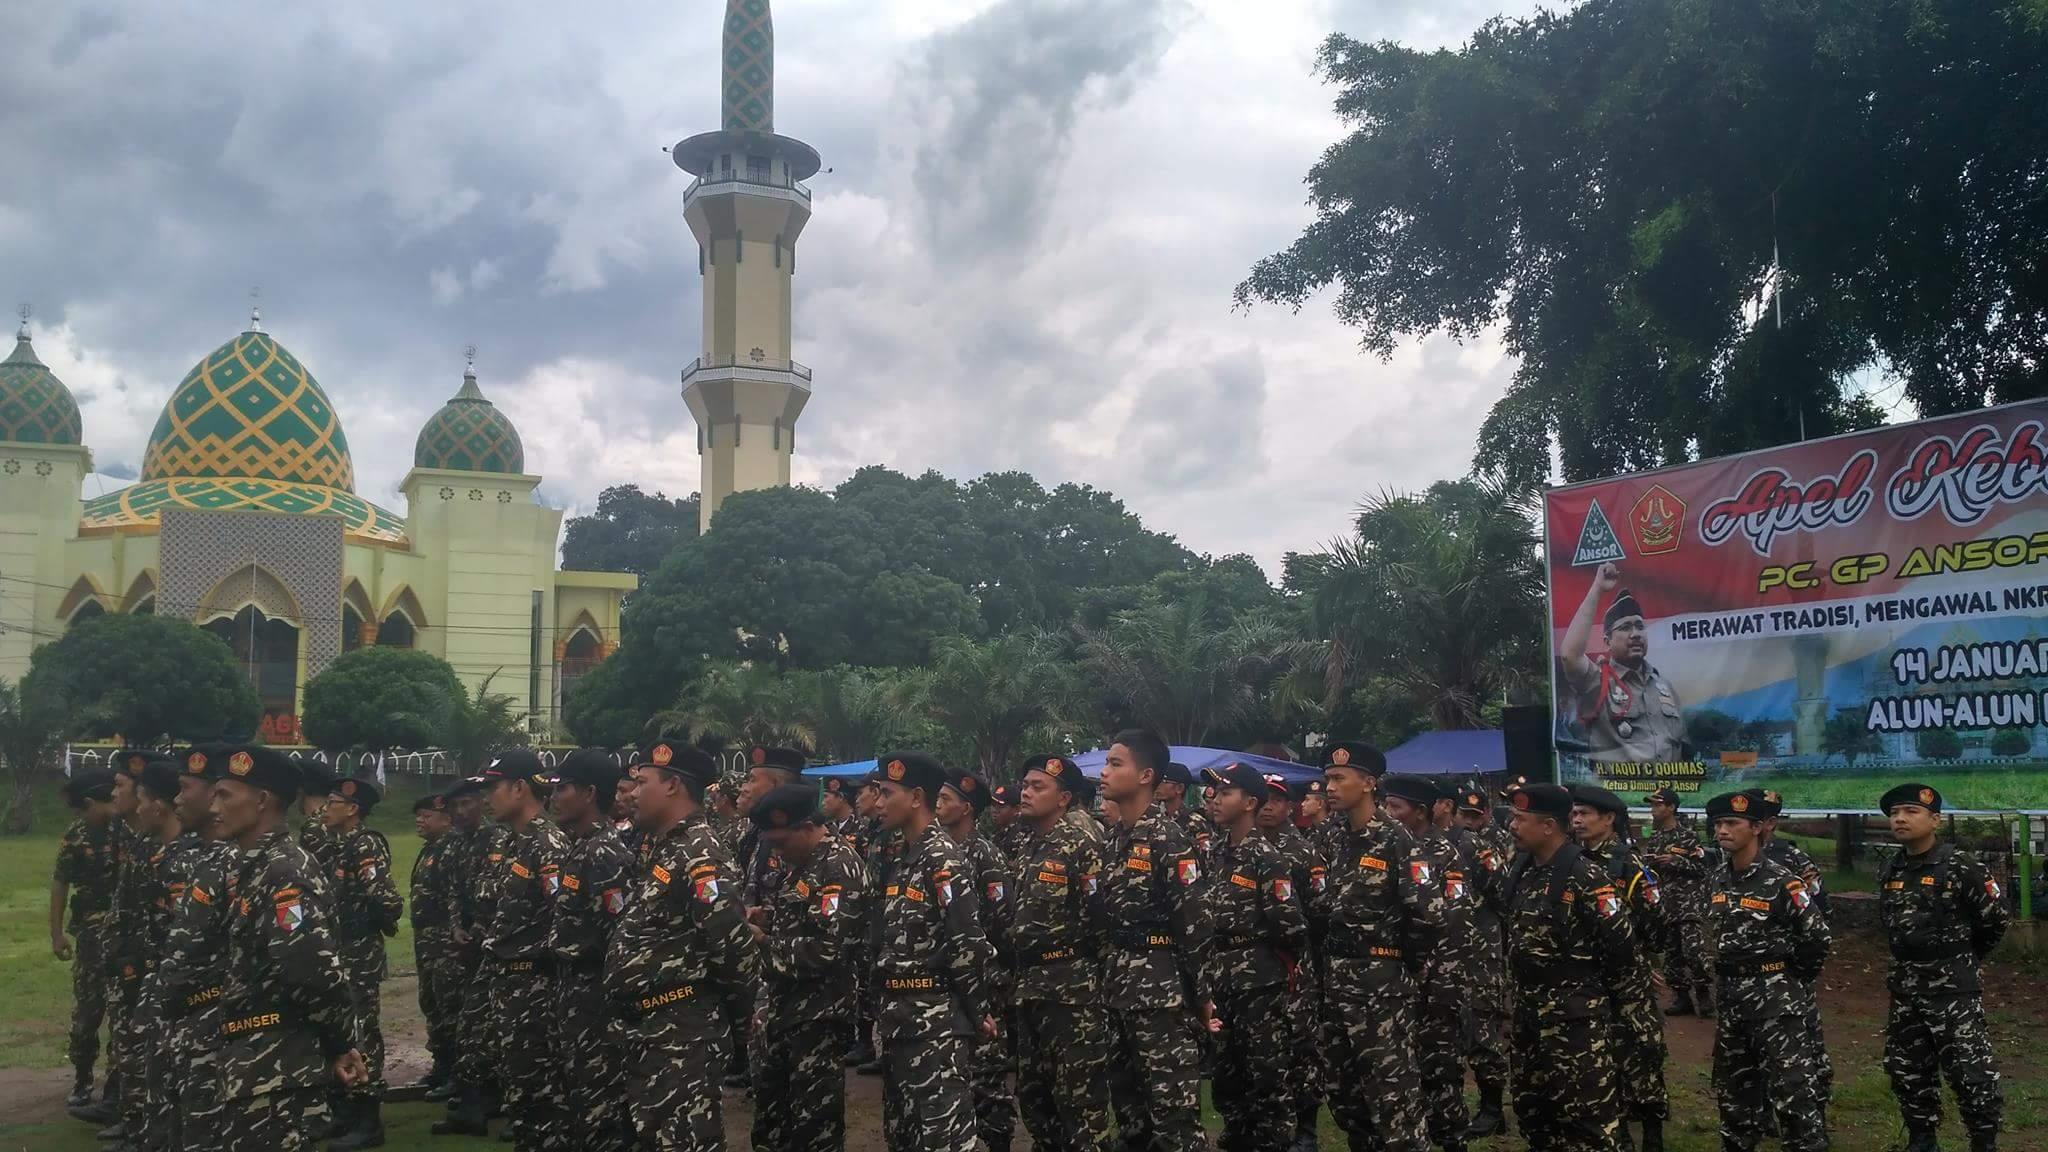 Pasukan Militer Nu Turun Alun Magetan Pache News Sebanyak 4